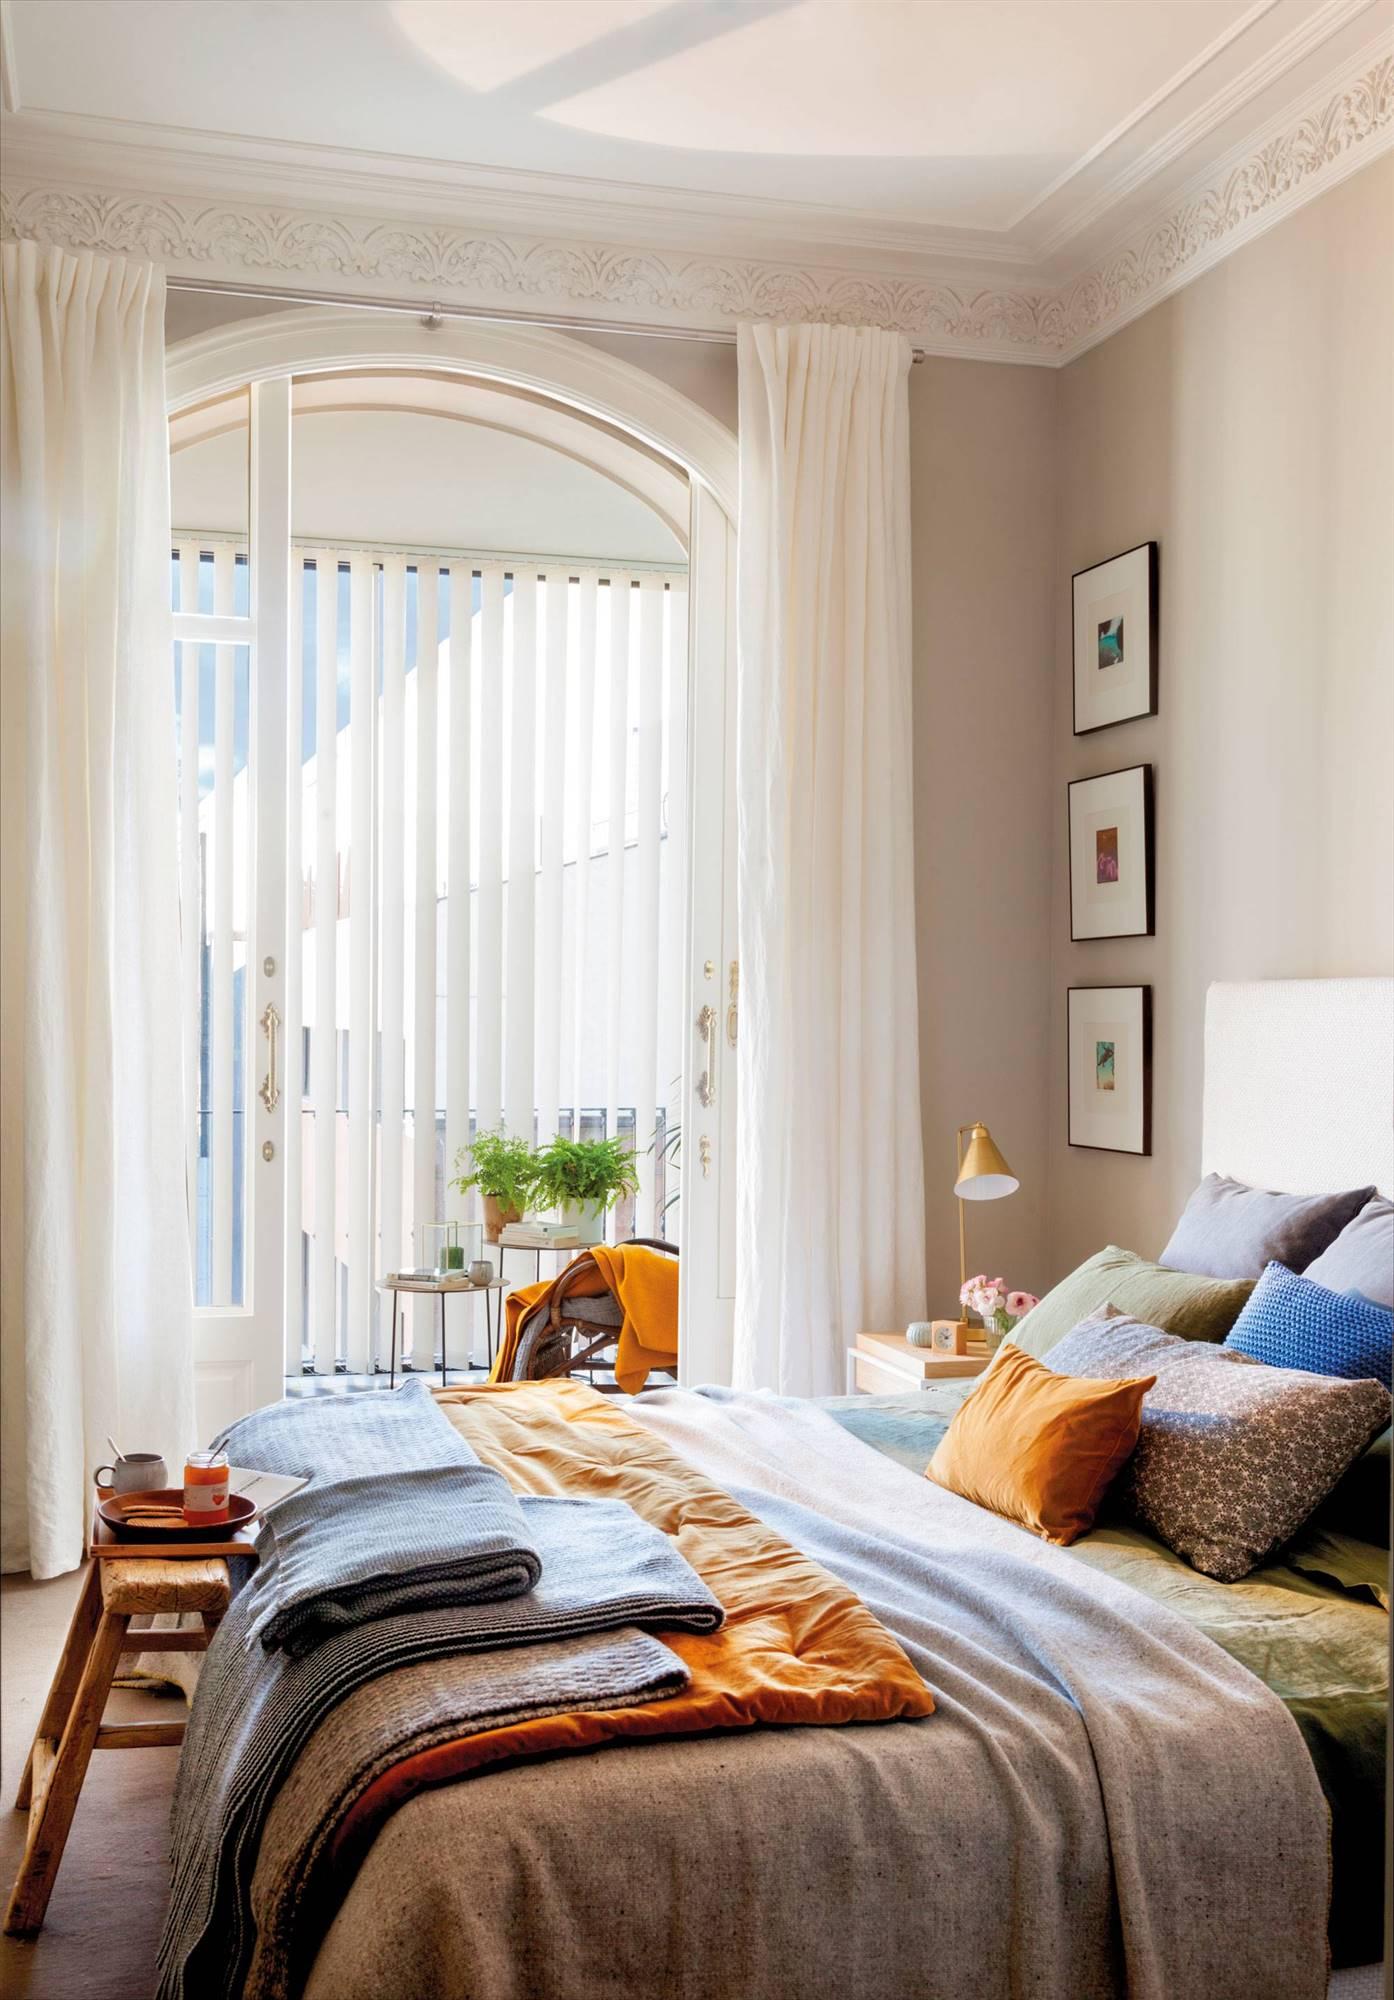 Cuánto cuesta hacer unas cortinas a medida